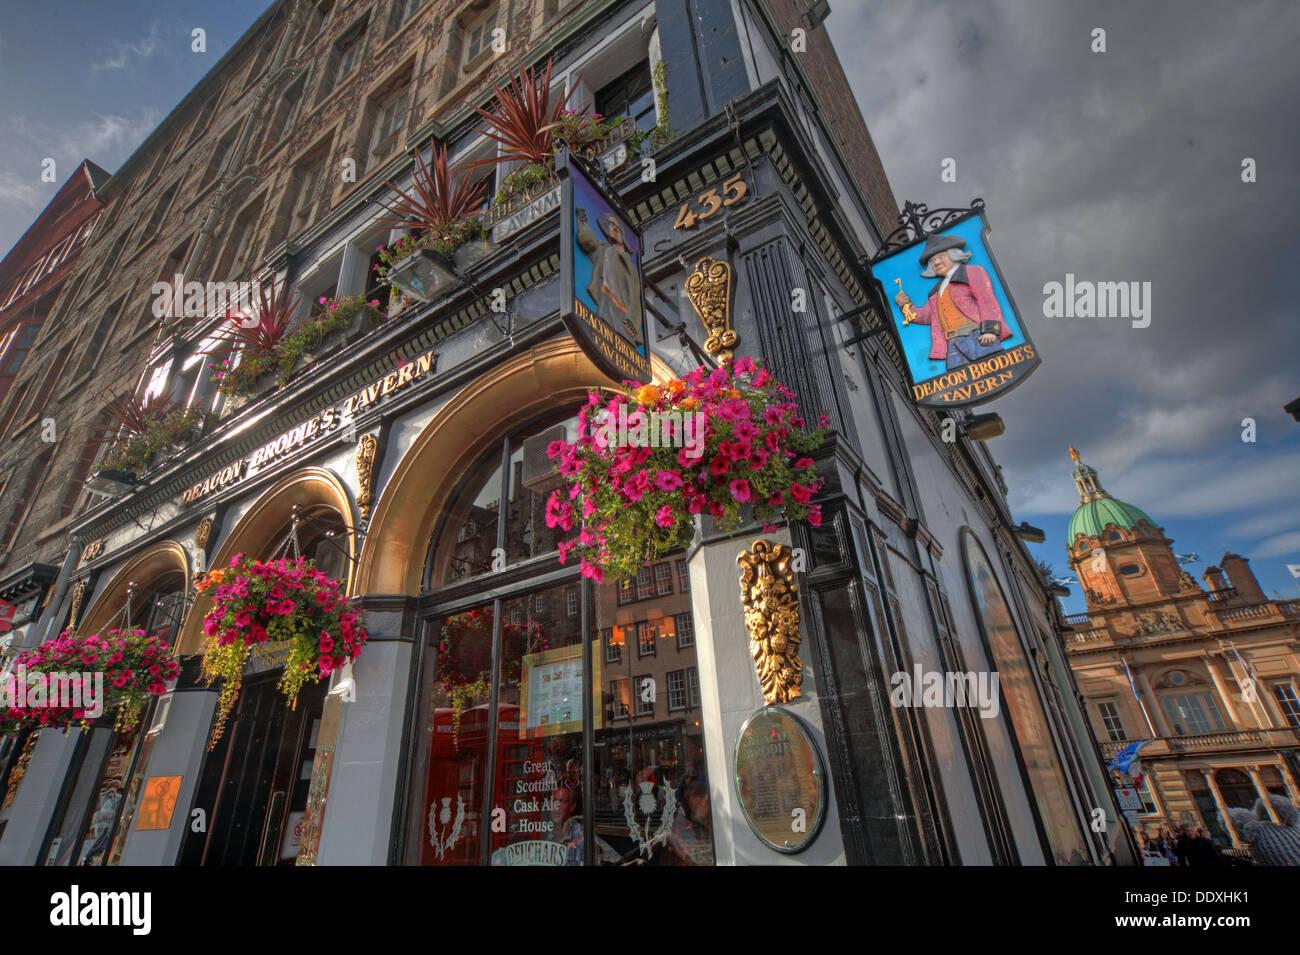 Laden Sie dieses Alamy Stockfoto Diakon Brodies Taverne, Royal Mile, EDN, Stadt von Edinburgh, Scotland, UK - nachschlagen - DDXHK1